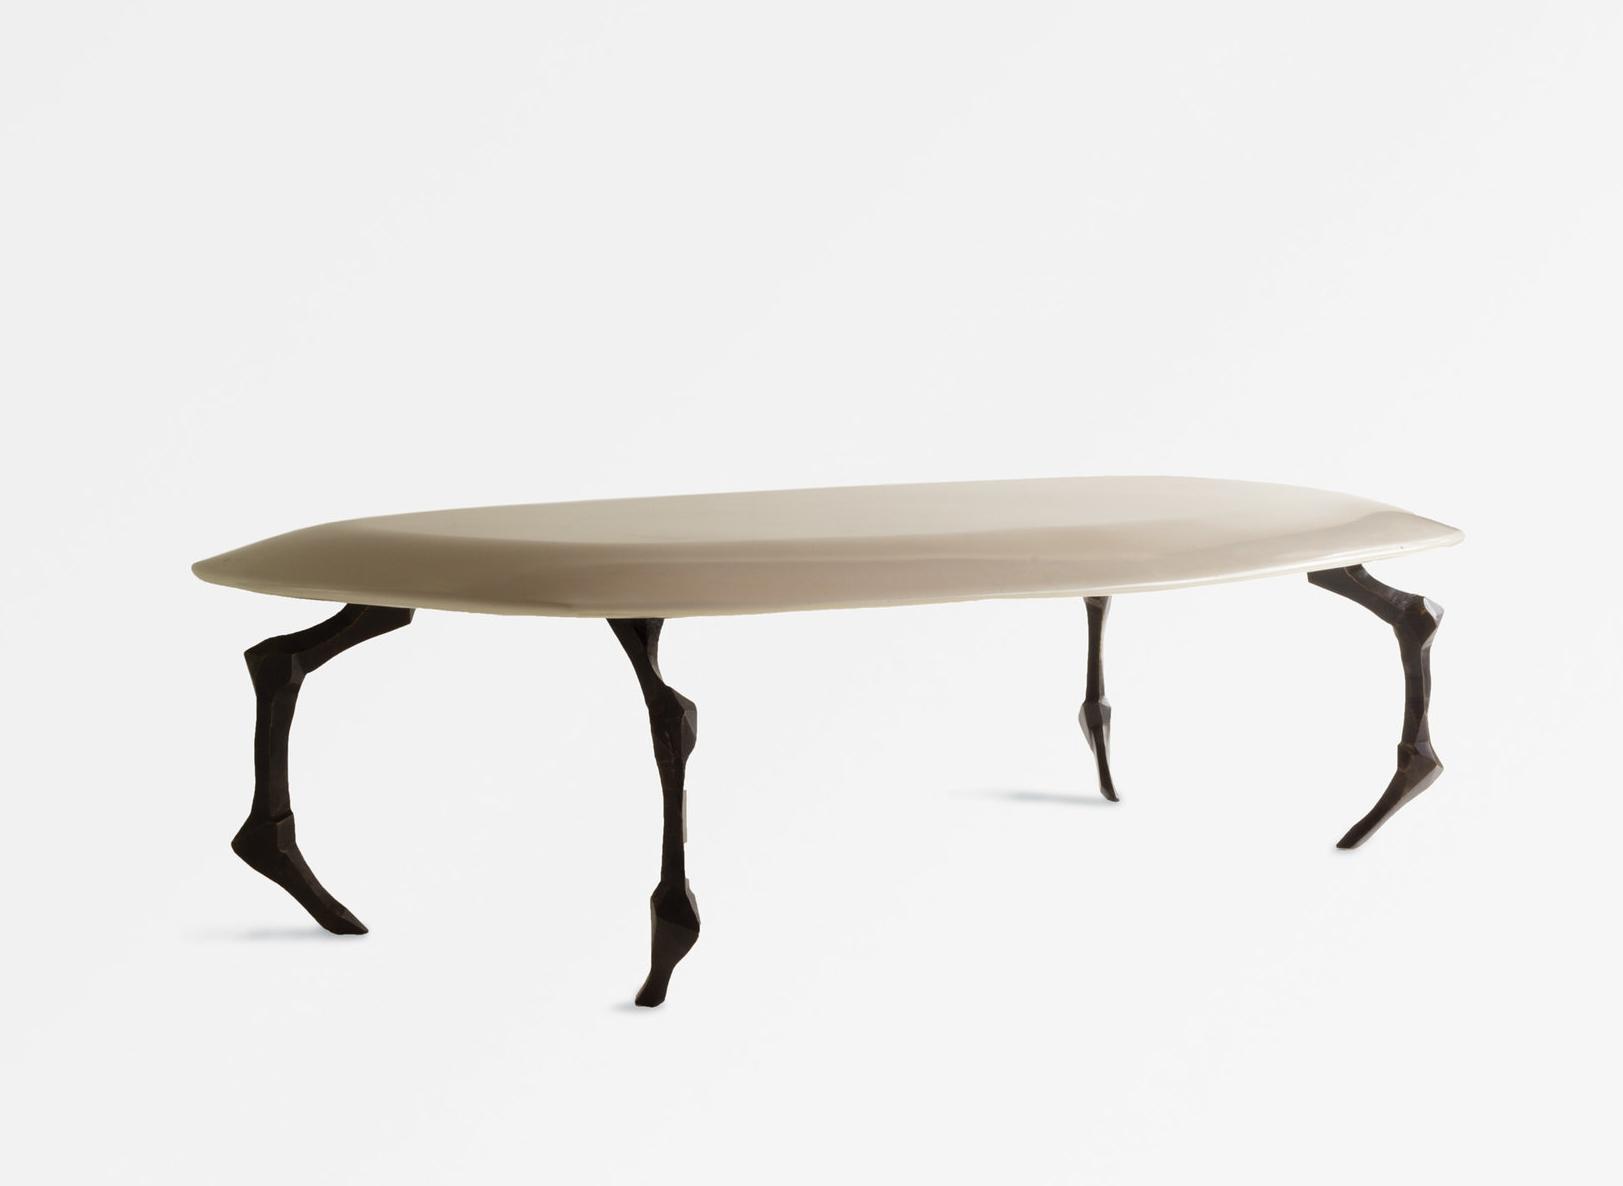 Home-2-JAK-Creature-Tables-retouch-041-071-June-2018.jpg